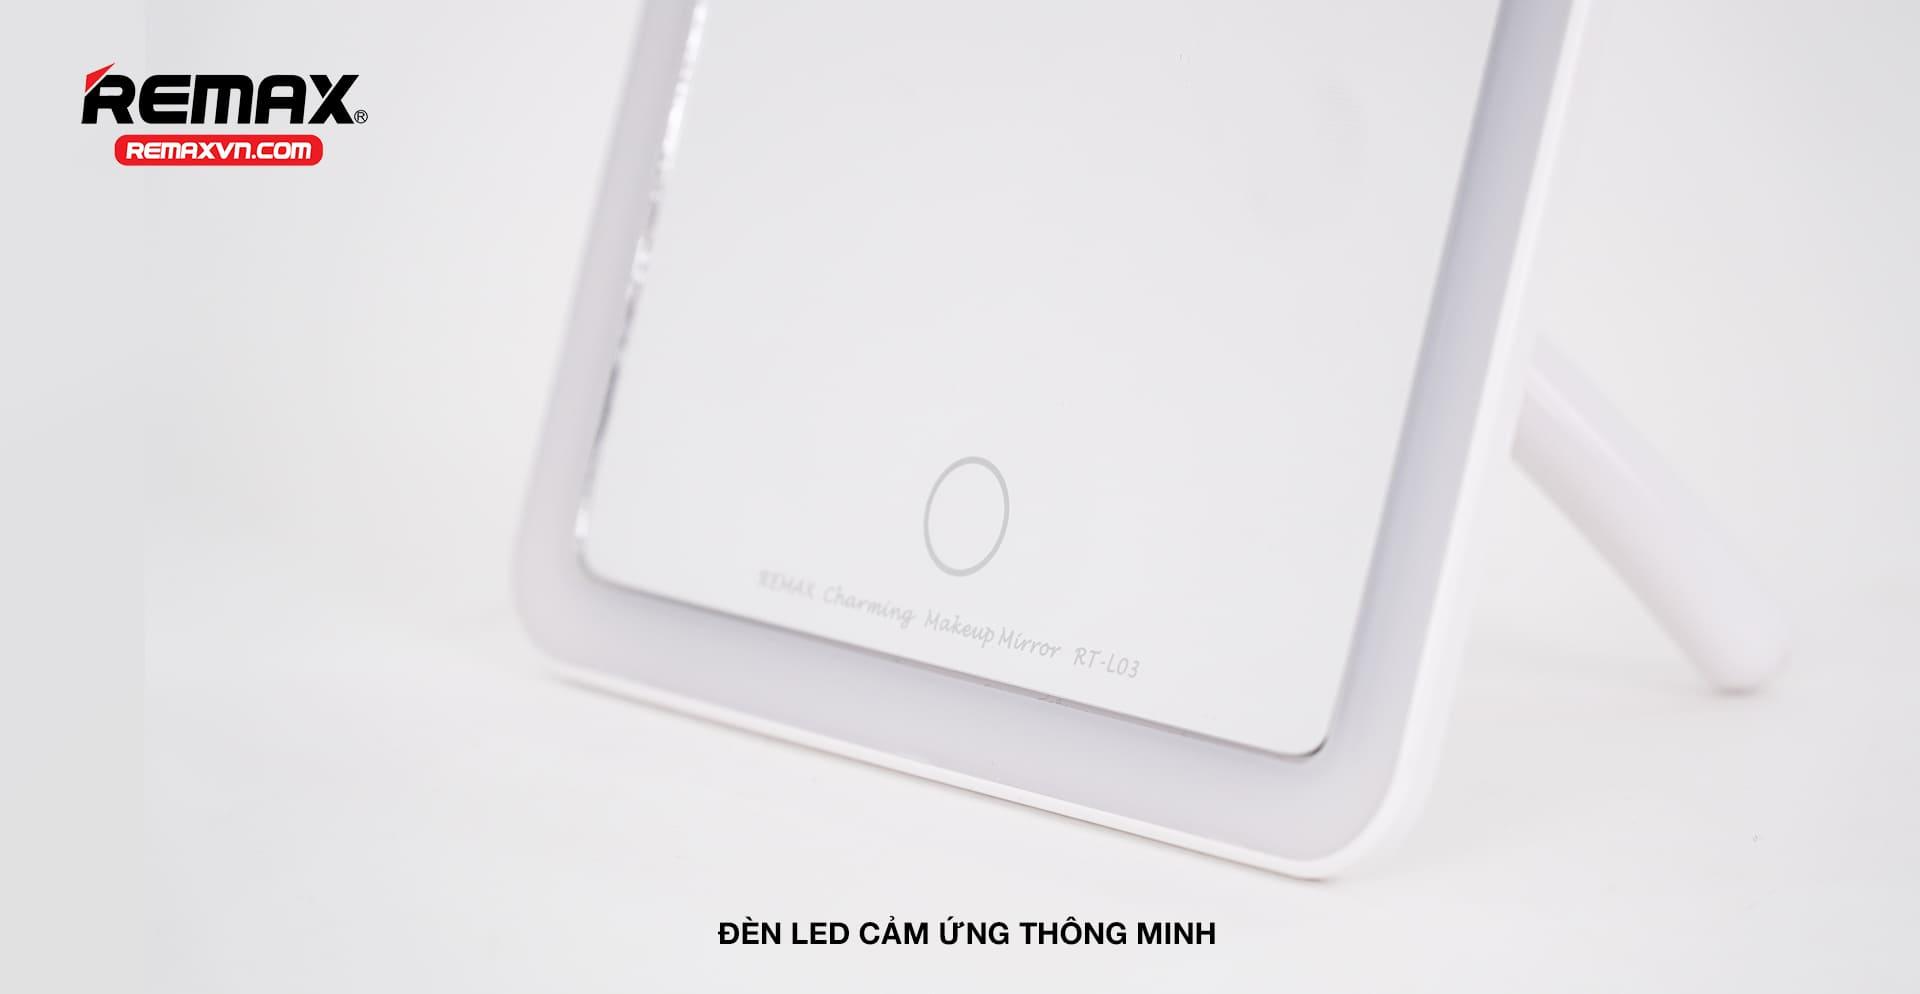 Đèn led cảm ứng thông minh